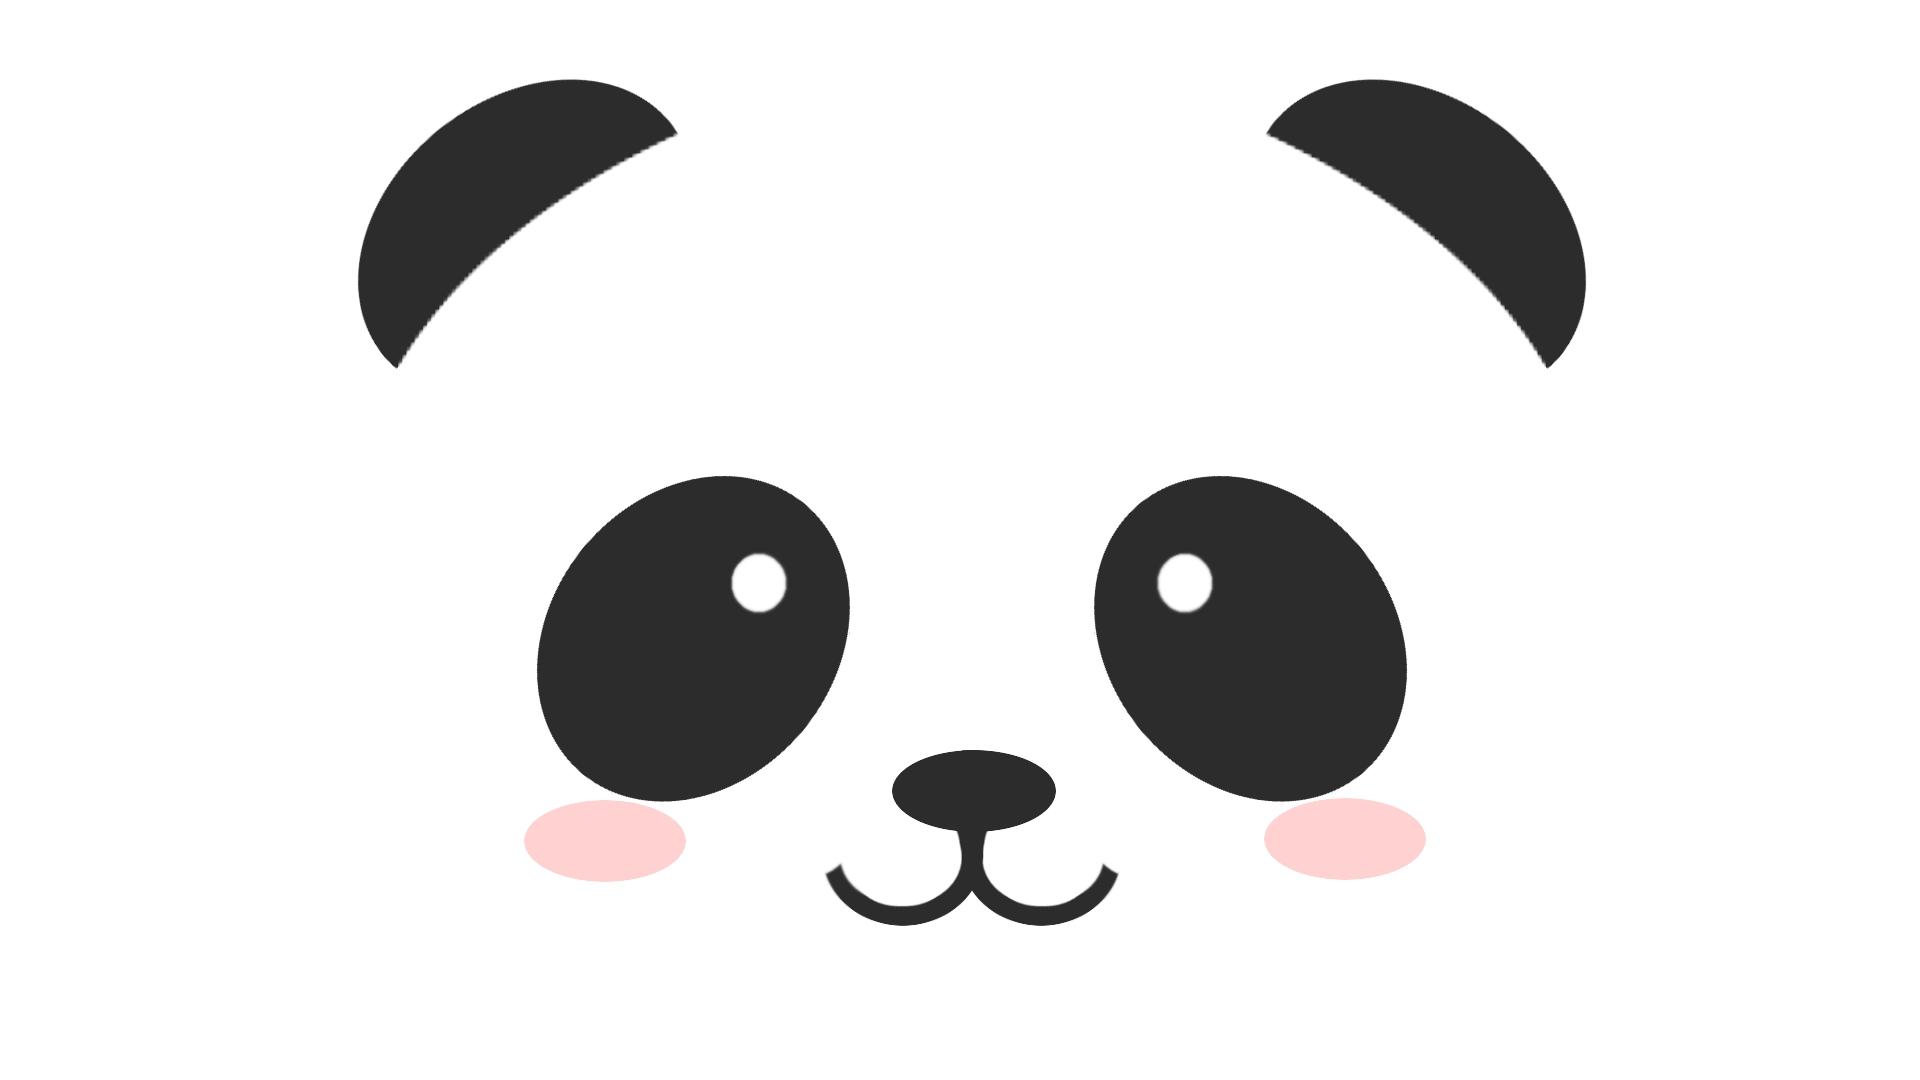 Fonds dcran Panda   Page 2 1920x1080